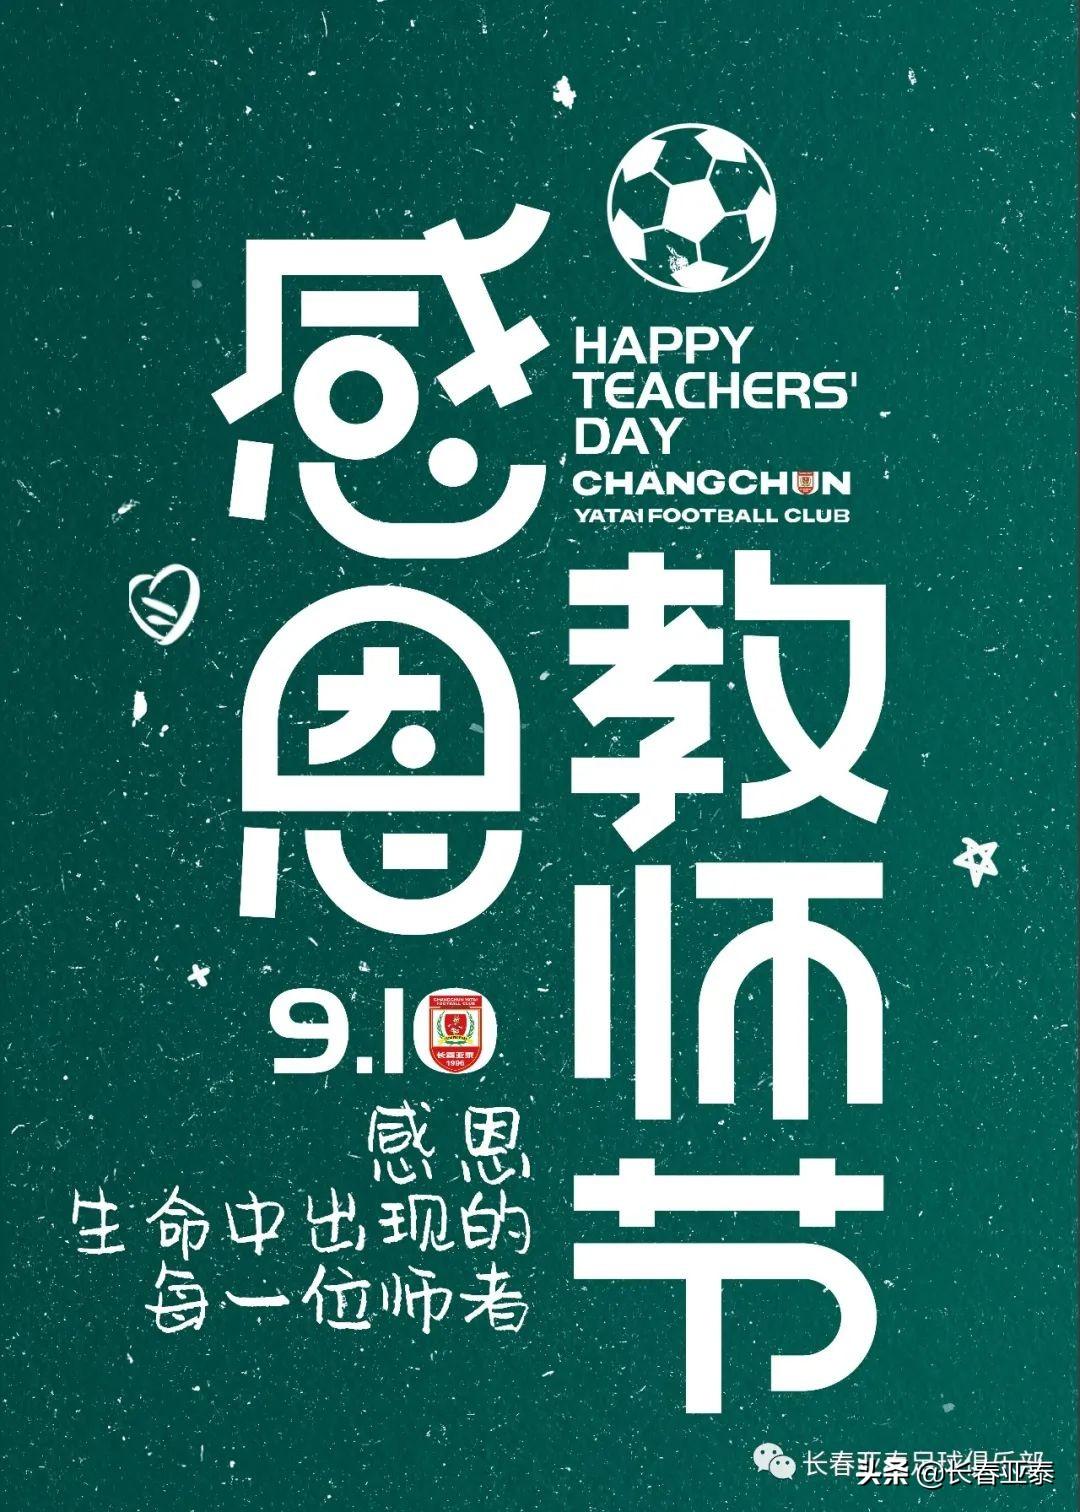 第35个教师节 亚泰青训祝天下所有师者节日快乐